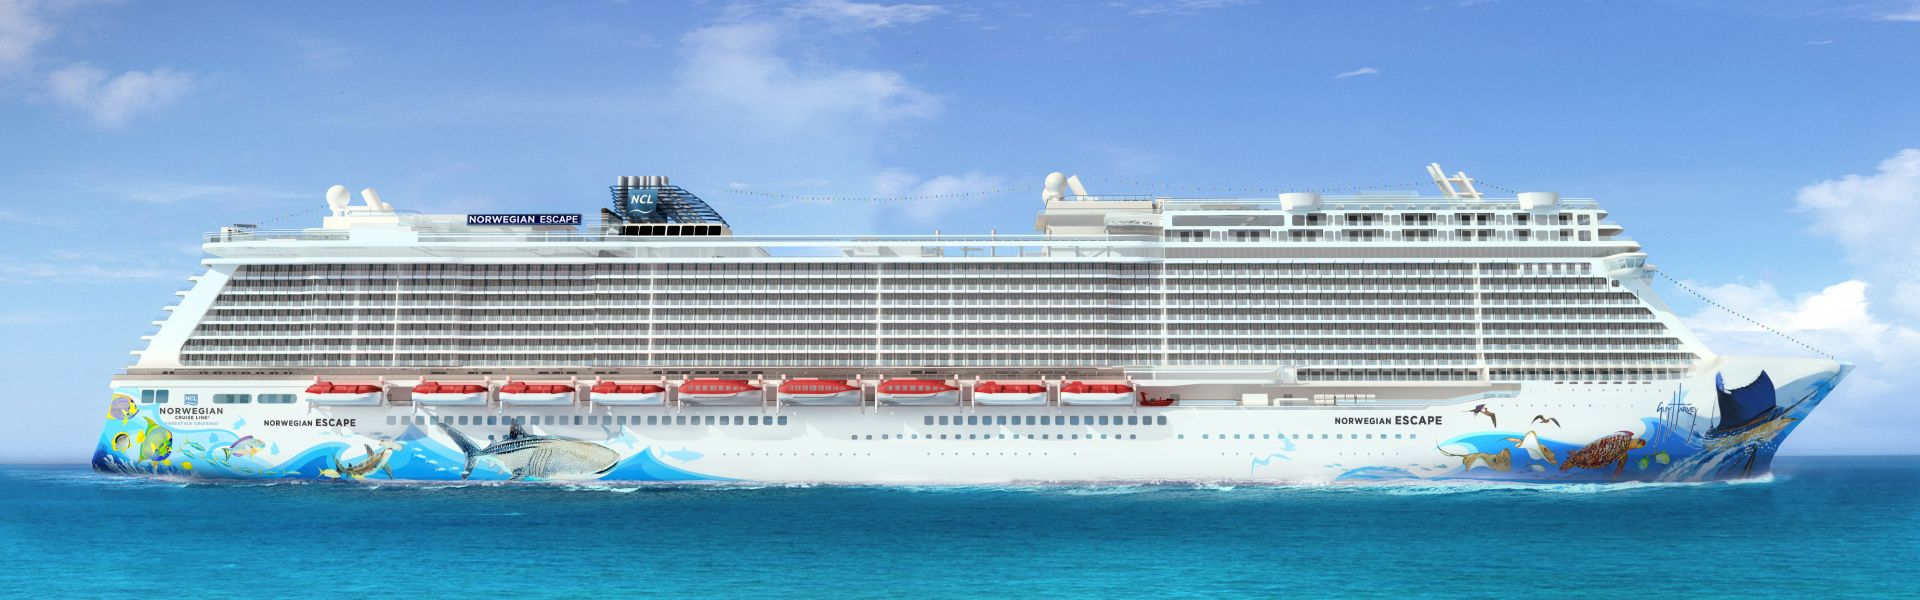 Croaziera 2017 - Caraibele de Vest (Miami) - Norwegian Cruise Line - Norwegian Escape - 7 nopti